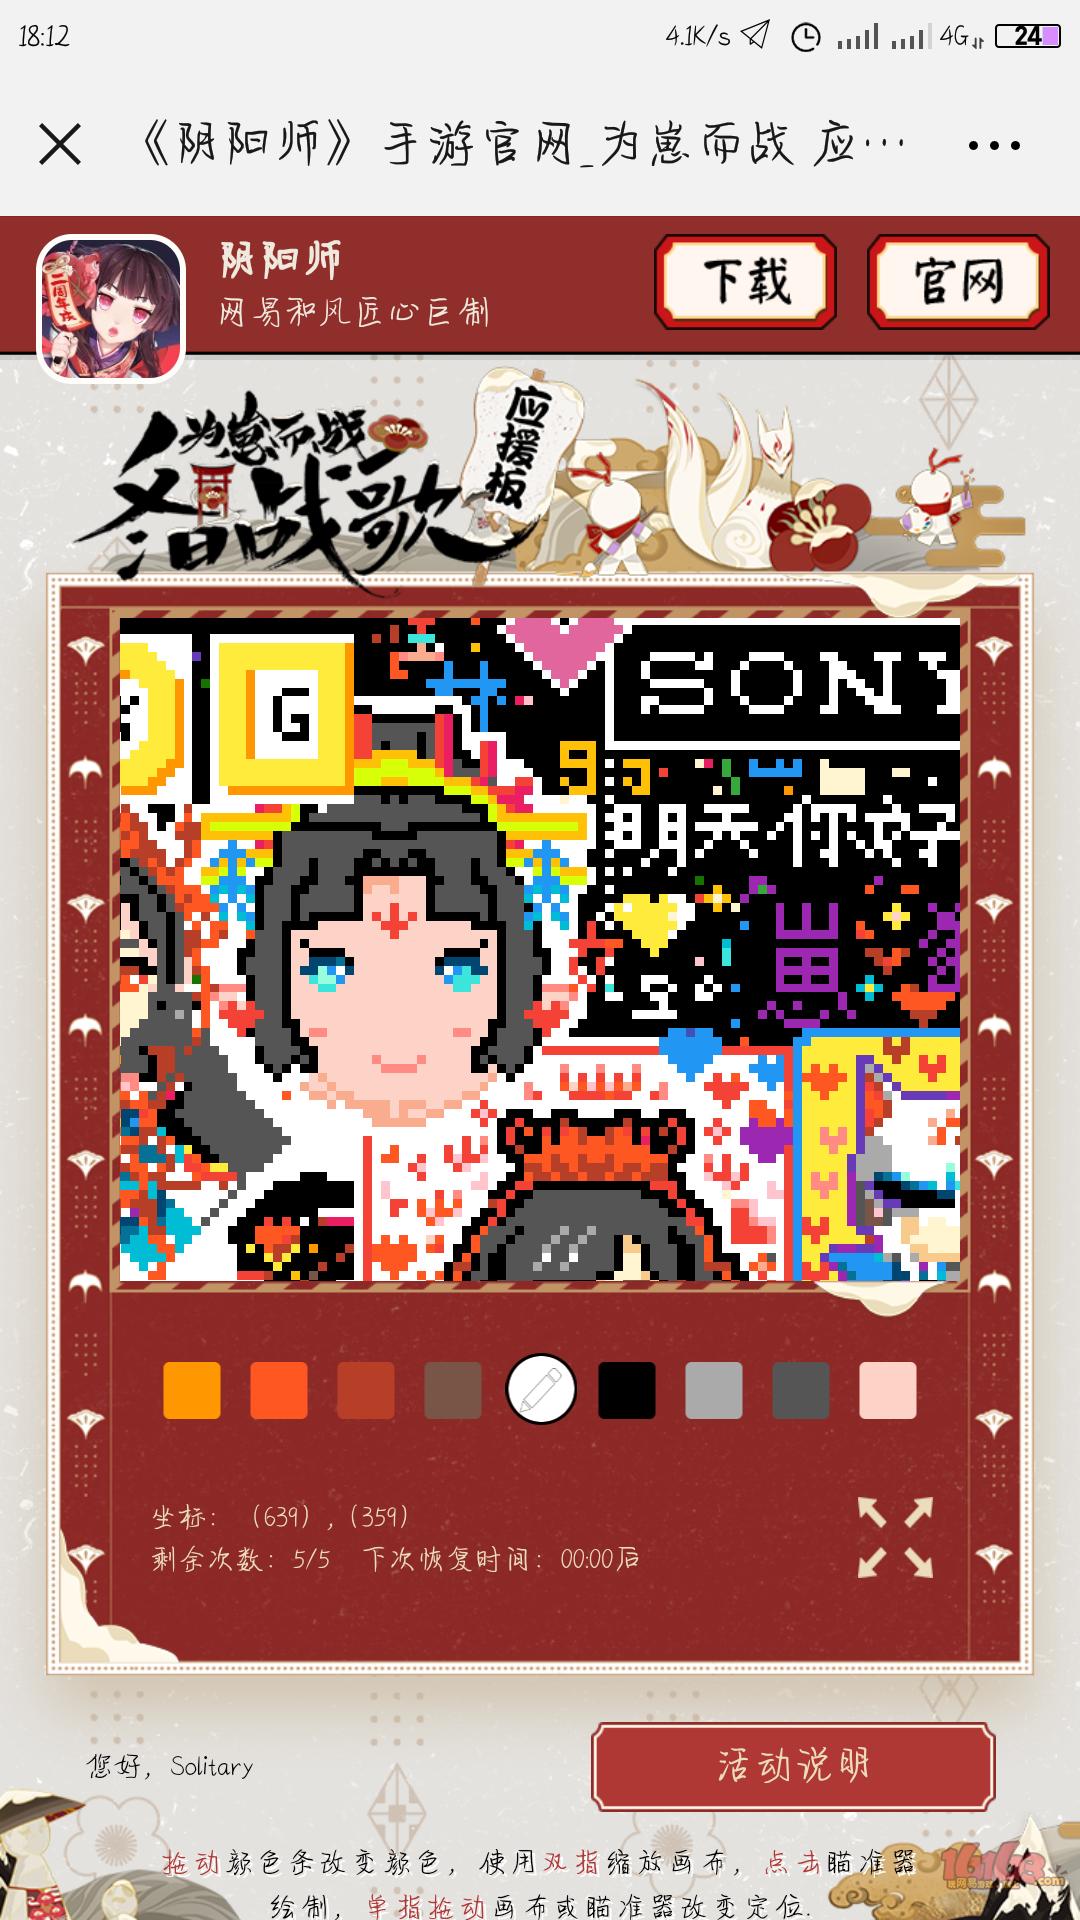 Screenshot_2019-01-11-18-12-51-315_com.tencent.mm.png